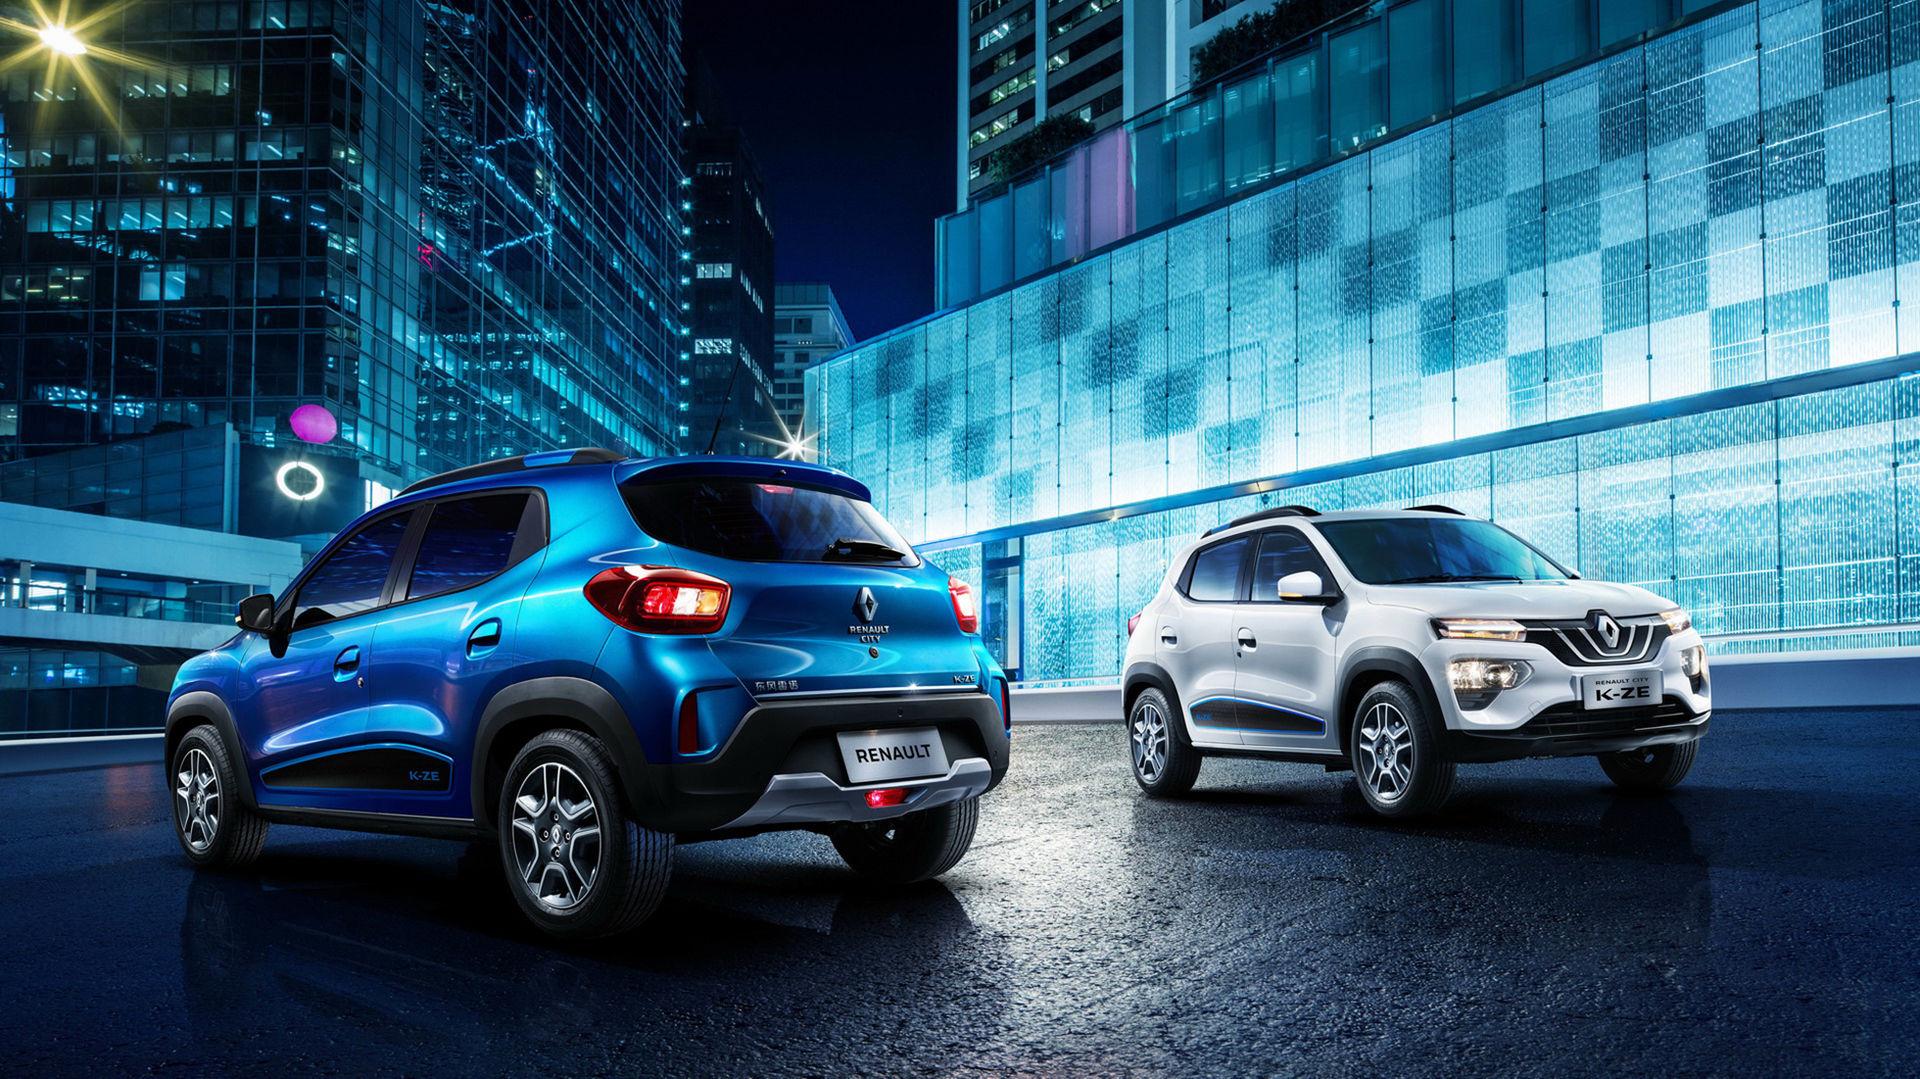 Renault ska lansera elbil som kostar runt 100.000 kronor